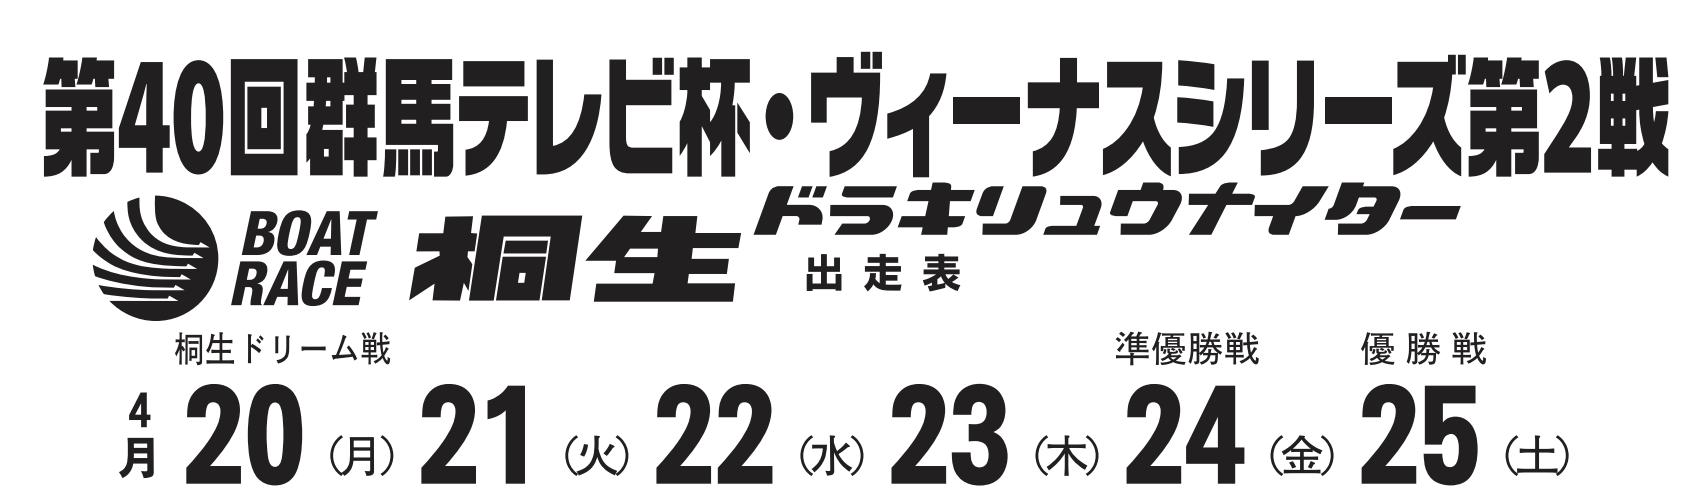 【桐生競艇予想(4/24)】ヴィーナスシリーズ 群馬テレビ杯(2020)5日目の買い目はコレ!